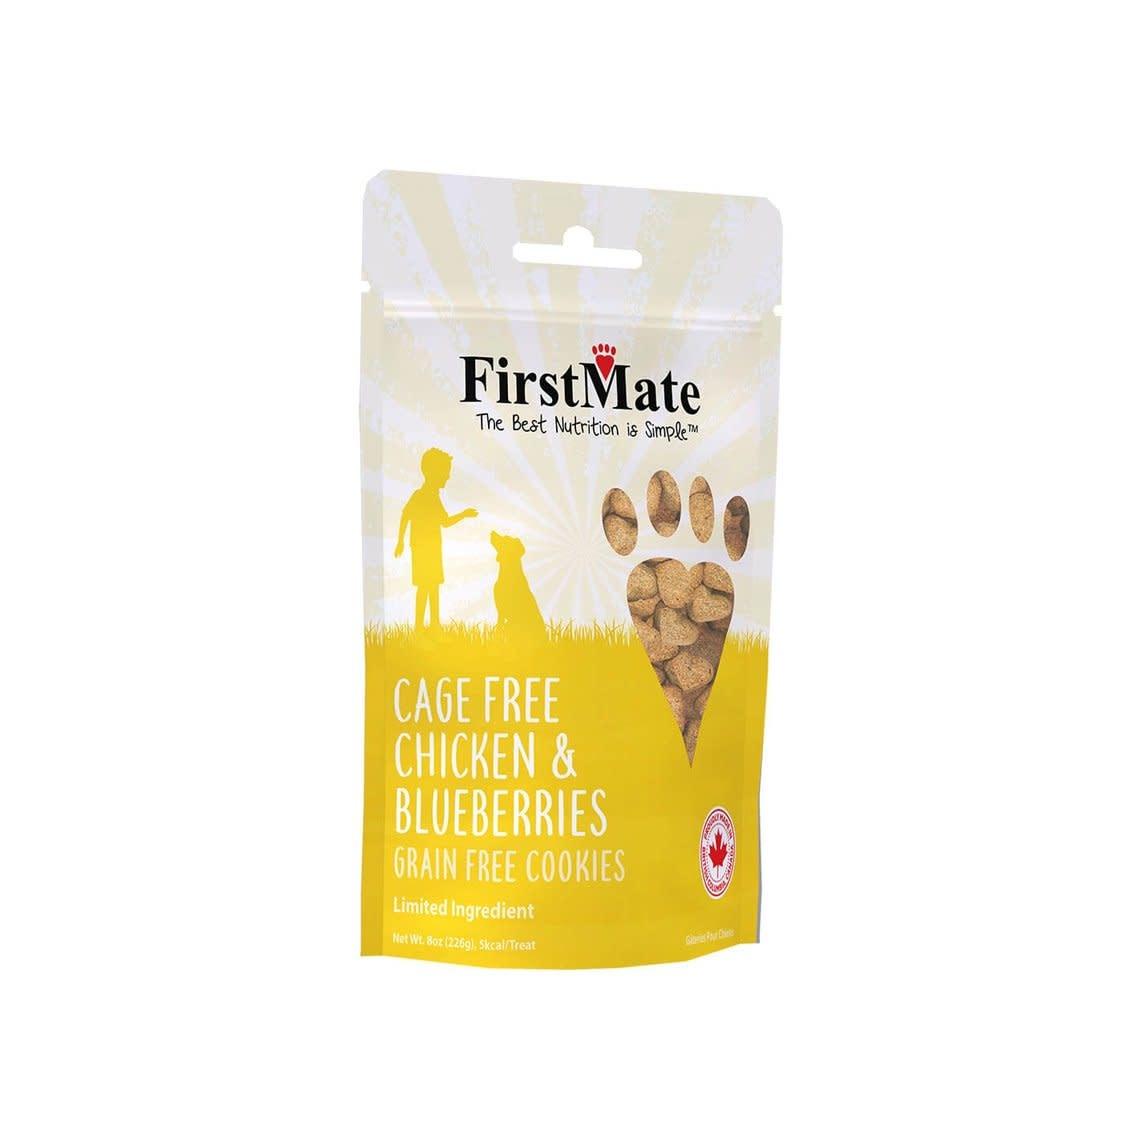 FirstMate FirstMate GF Chicken & Blueberries 8 oz